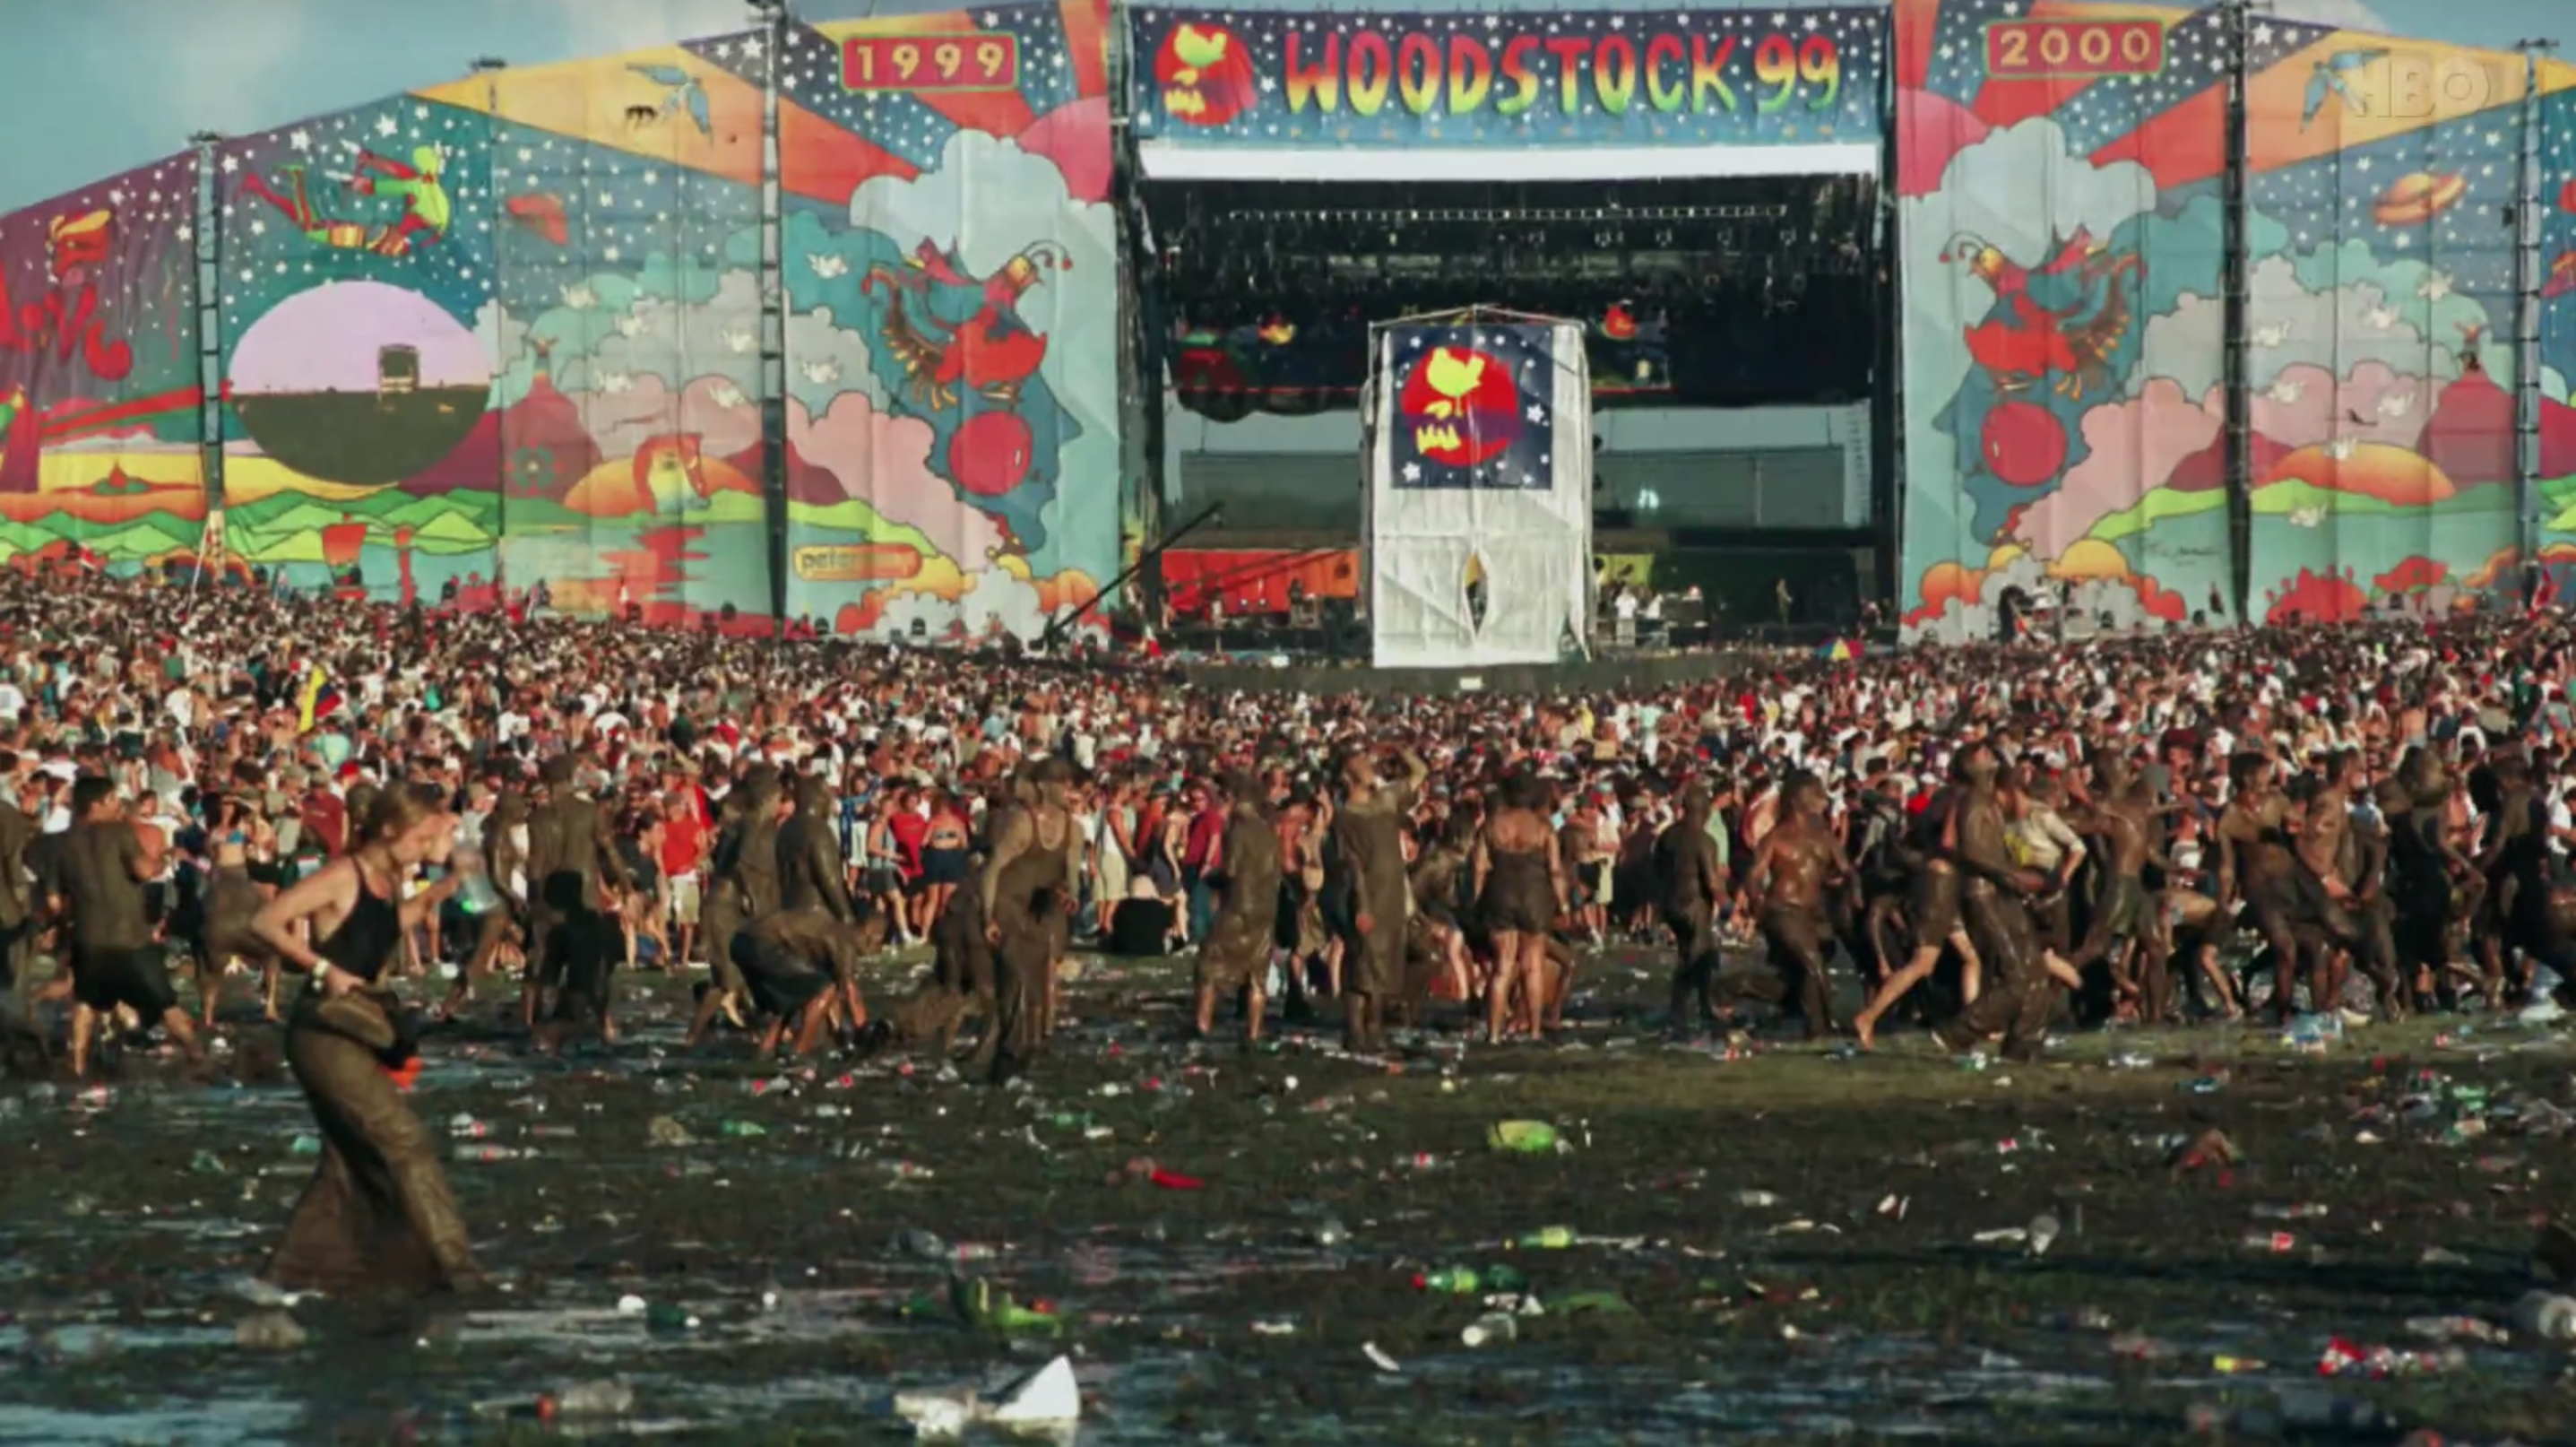 Woodstock '99: dühös, fiatal, fehér férfiak fesztiválja, ami káoszba, szartengerbe és erőszakba fulladt